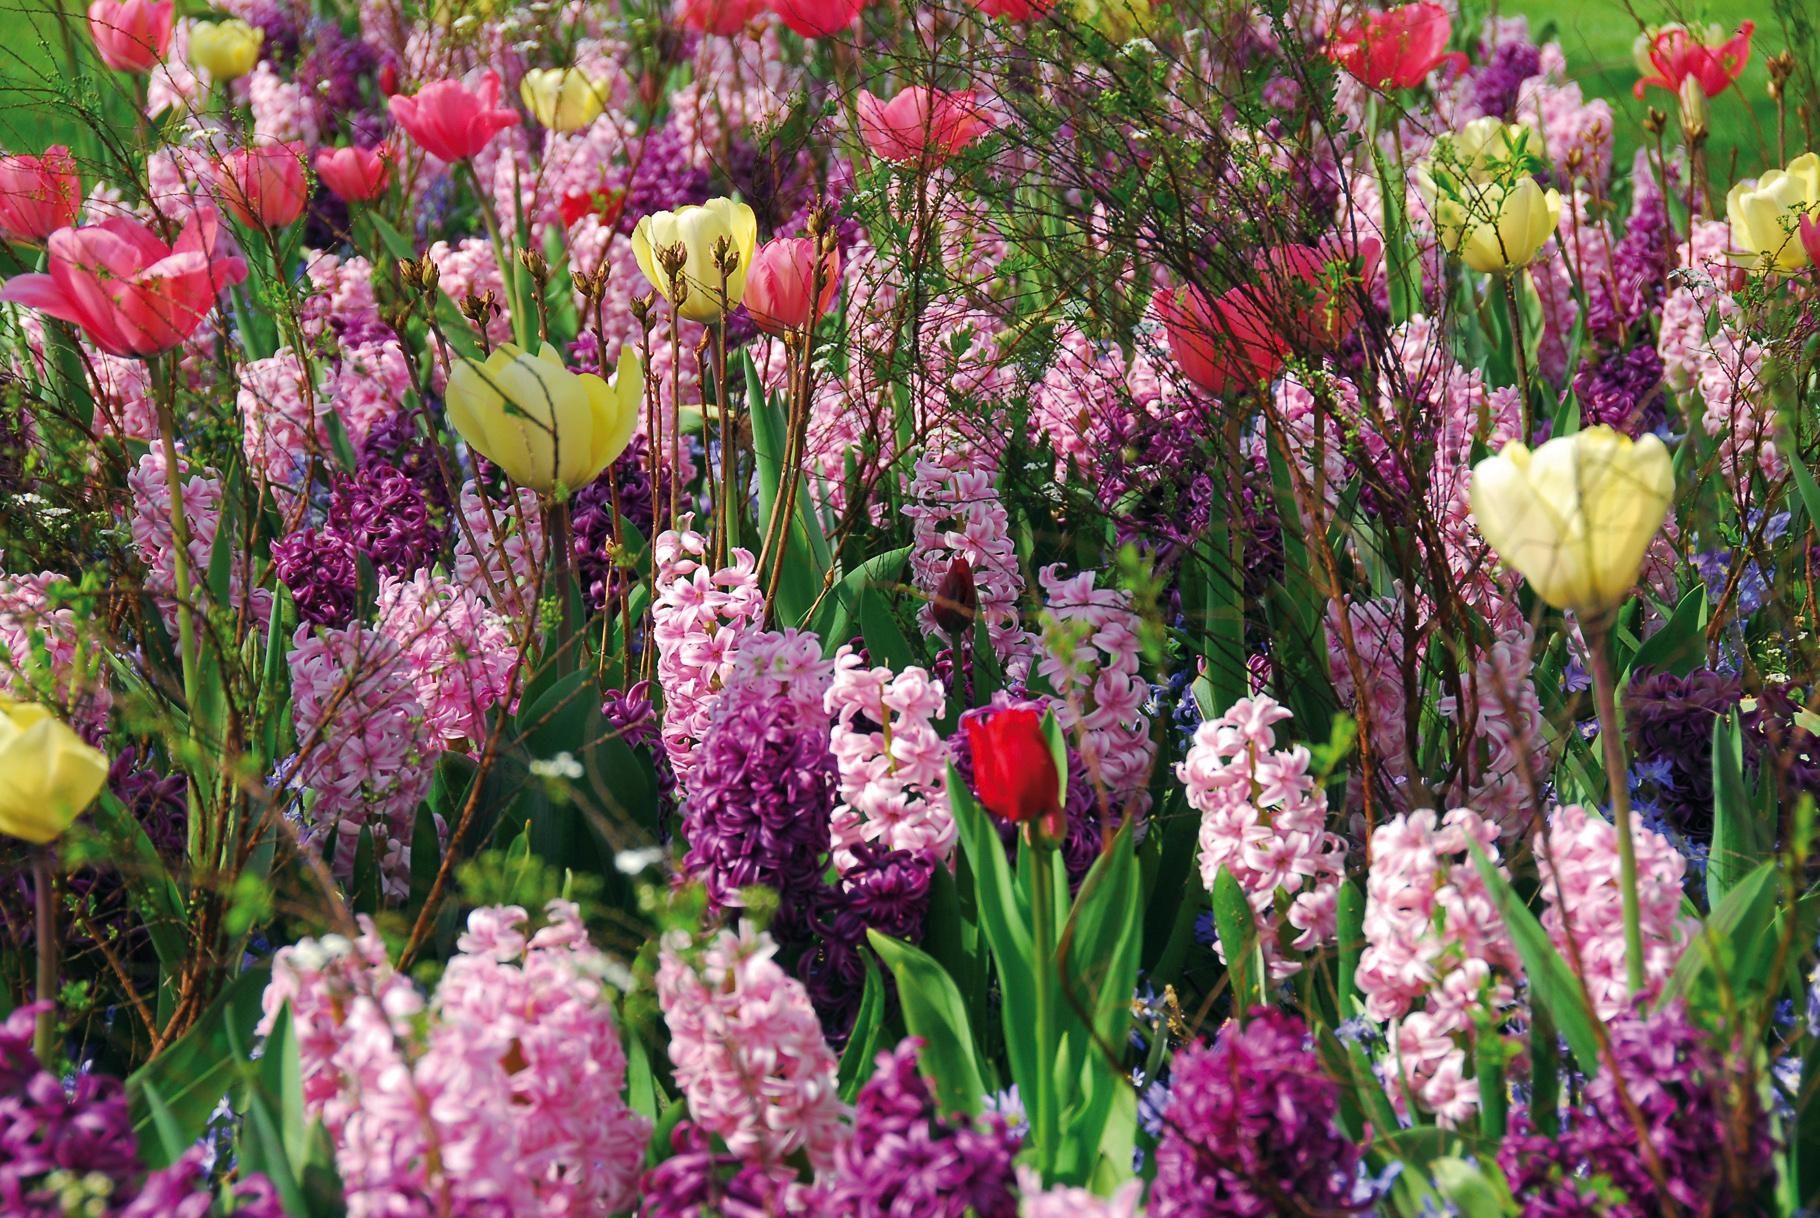 Bollen Bloeiend Voorjaar : Het bloeiseizoen verlengen met bloembollen u tuinenstruinen